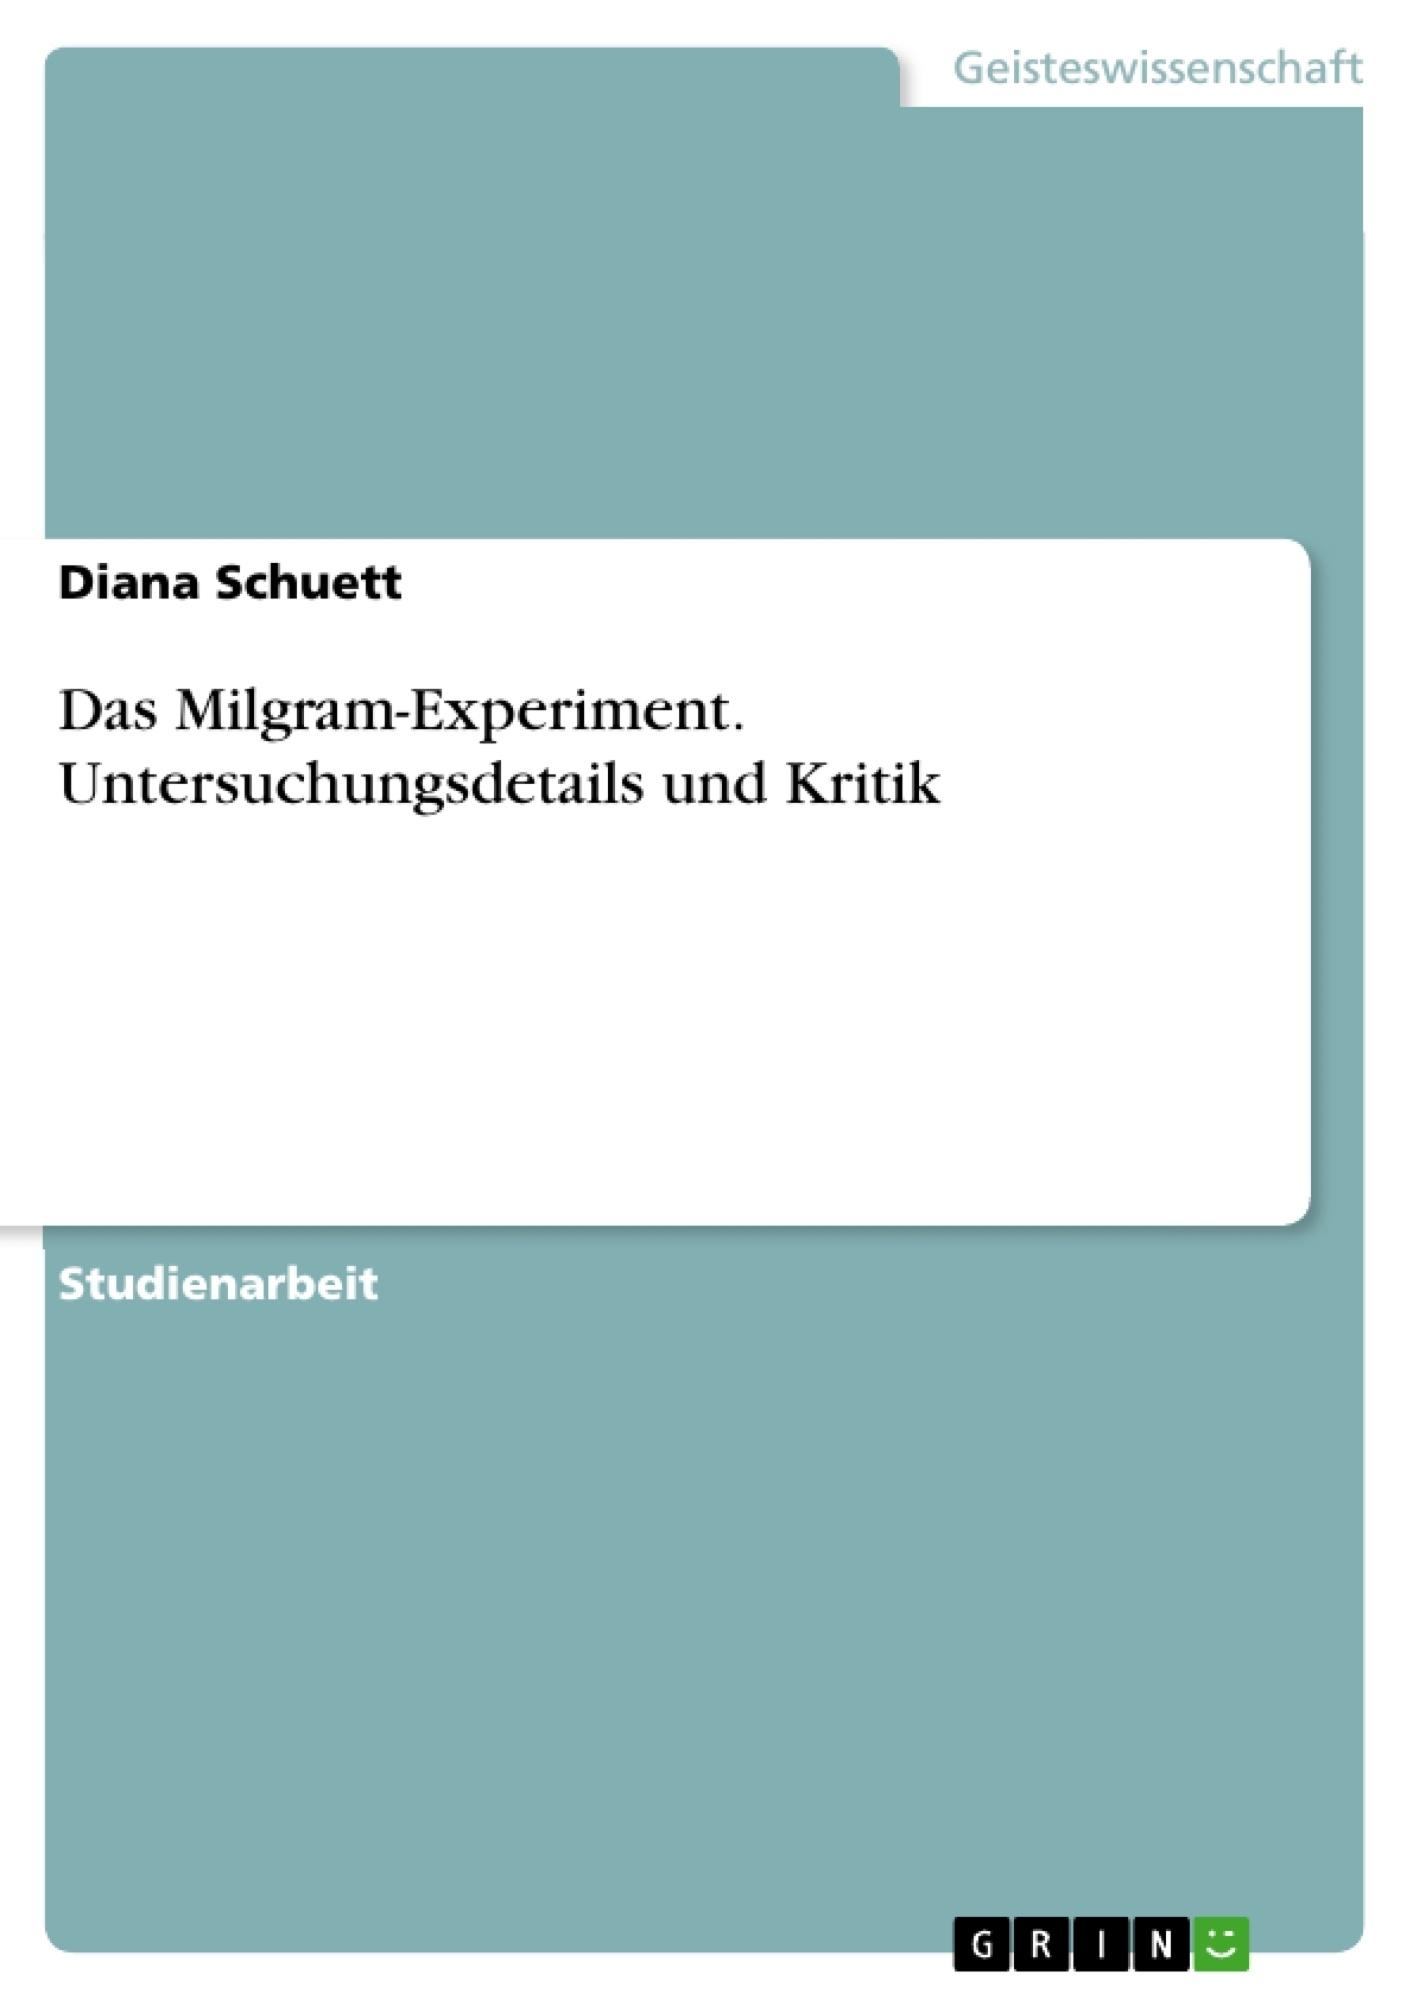 Titel: Das Milgram-Experiment. Untersuchungsdetails und Kritik